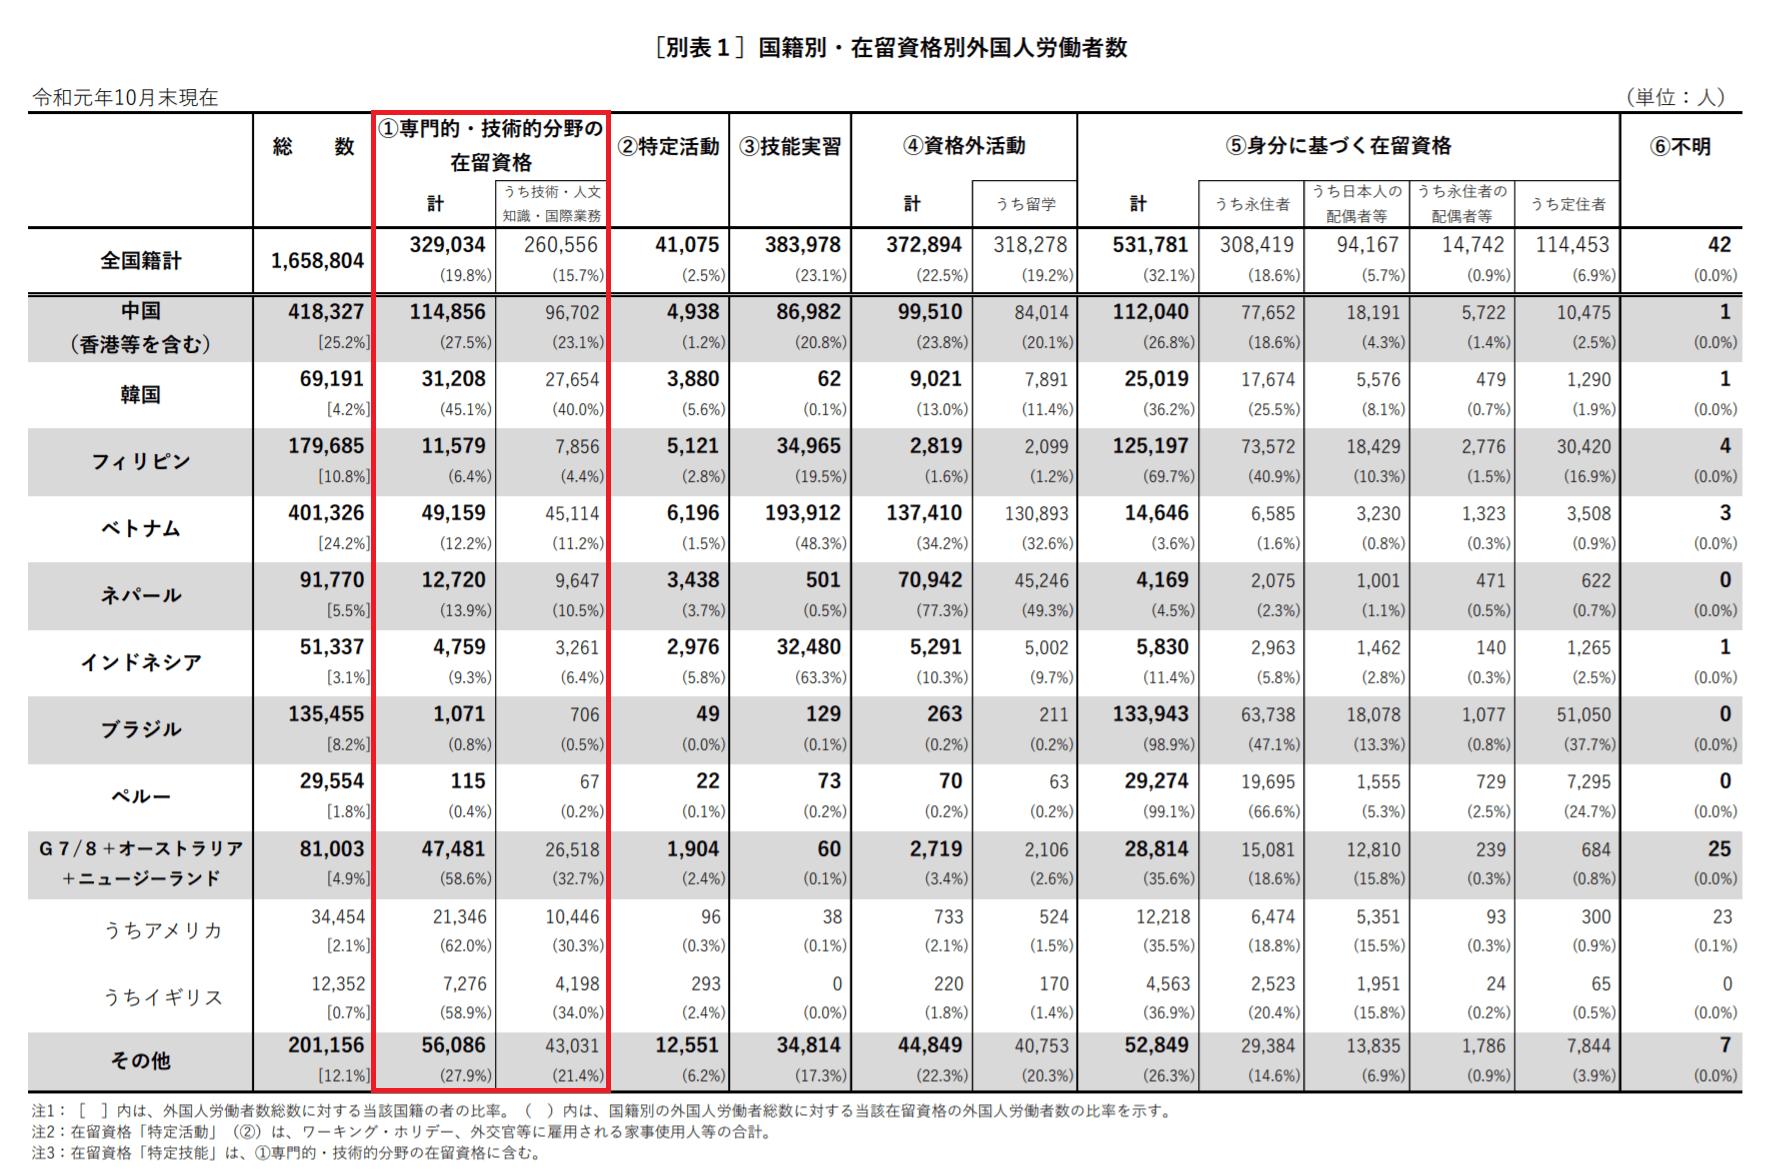 出典元:厚生労働省「外国人雇用状況」の届出状況まとめ(令和元年10月末現在)別表1